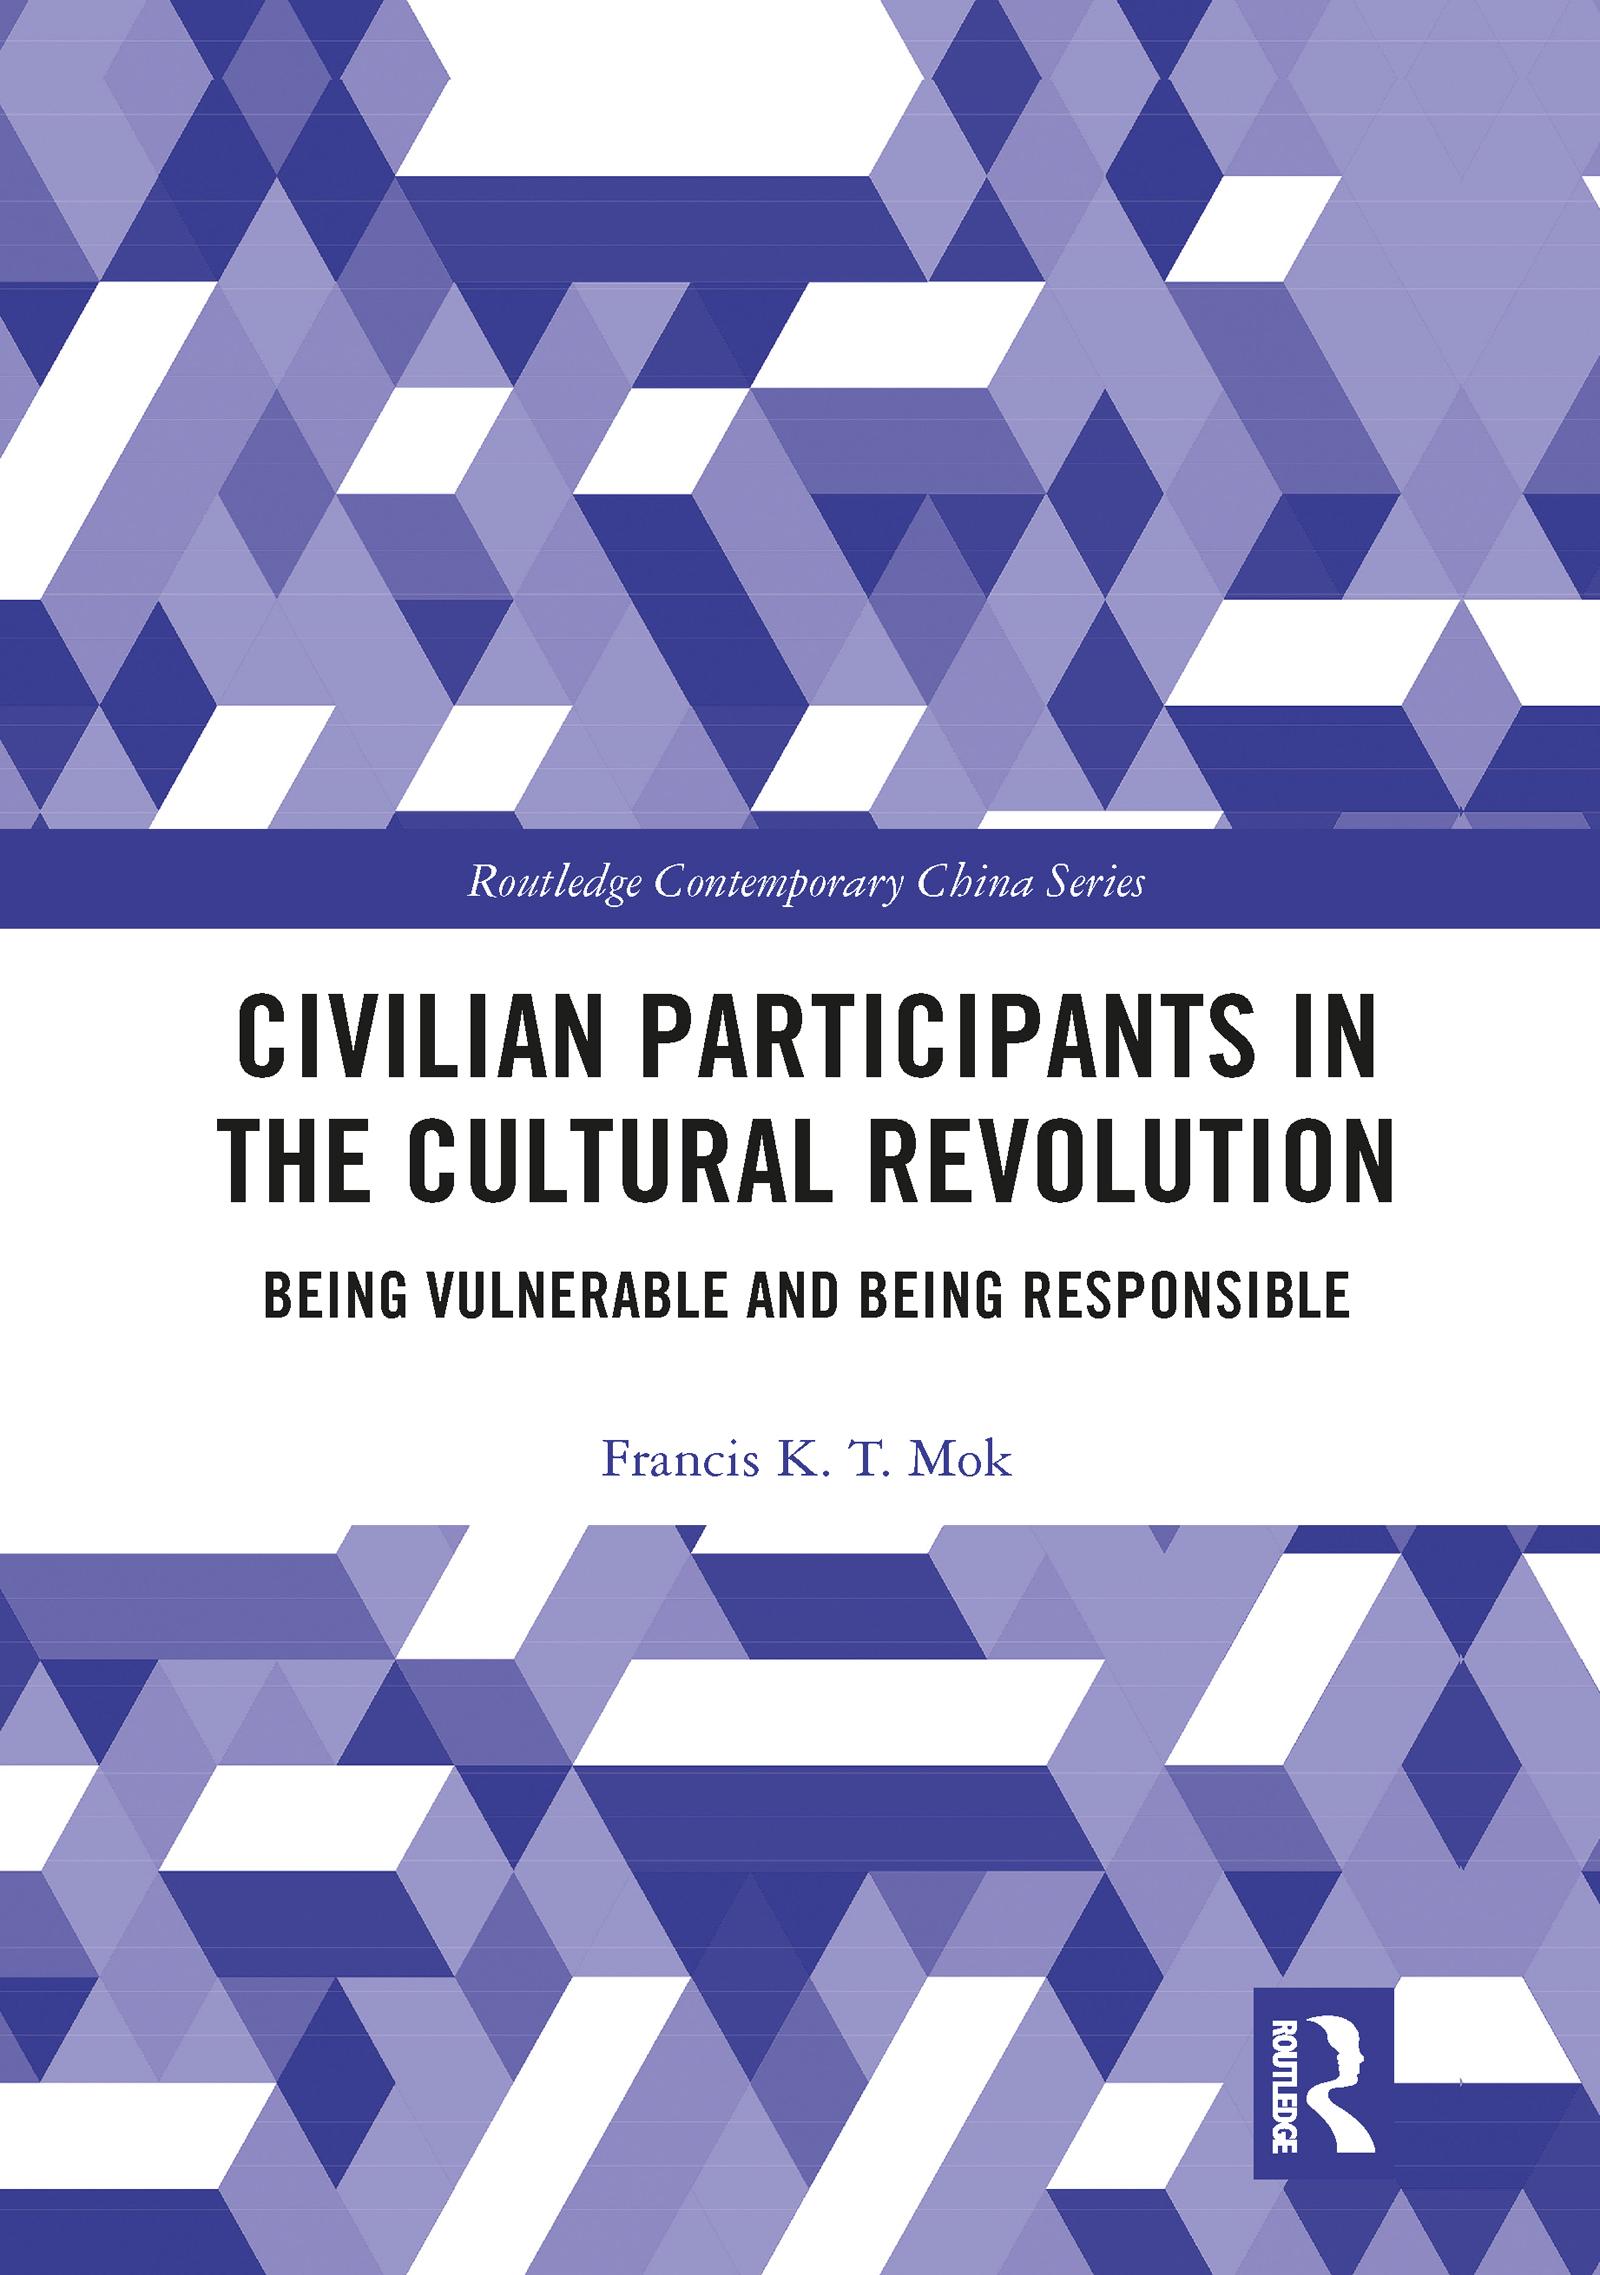 Civilian Participants in the Cultural Revolution